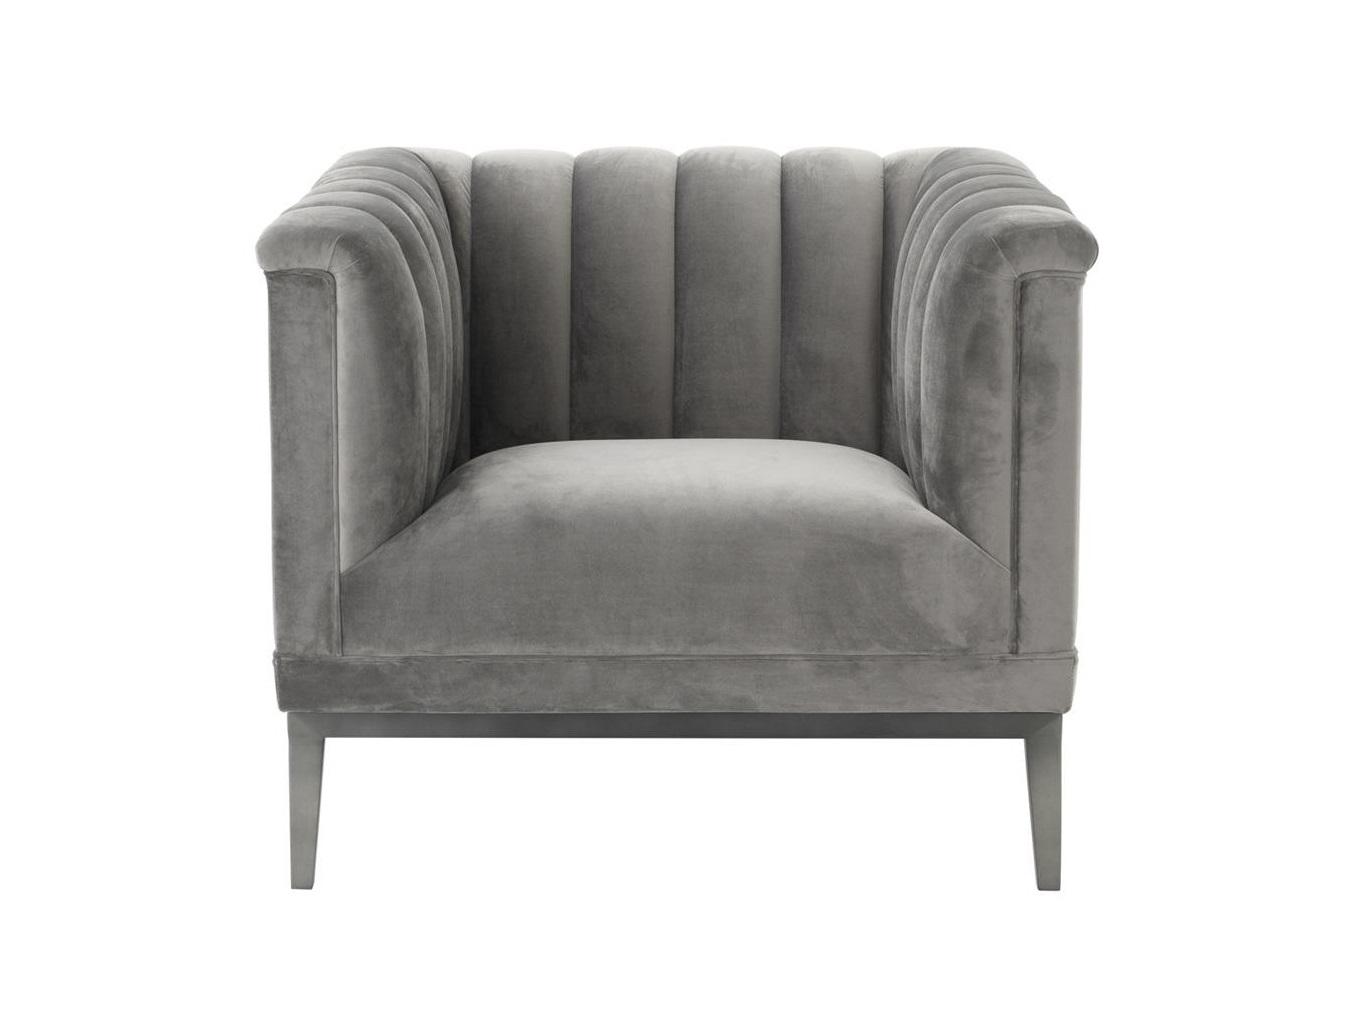 Кресло RafflesИнтерьерные кресла<br>Кресло Raffles обтянуто тканью серого цвета.&amp;amp;nbsp;&amp;lt;div&amp;gt;&amp;lt;br&amp;gt;&amp;lt;/div&amp;gt;&amp;lt;div&amp;gt;Ножки из металла цвета пушечная бронза.&amp;amp;nbsp;&amp;lt;/div&amp;gt;&amp;lt;div&amp;gt;Состав ткани: 100% полиэстер.&amp;lt;/div&amp;gt;<br><br>Material: Текстиль<br>Ширина см: 89.0<br>Высота см: 75.0<br>Глубина см: 86.0